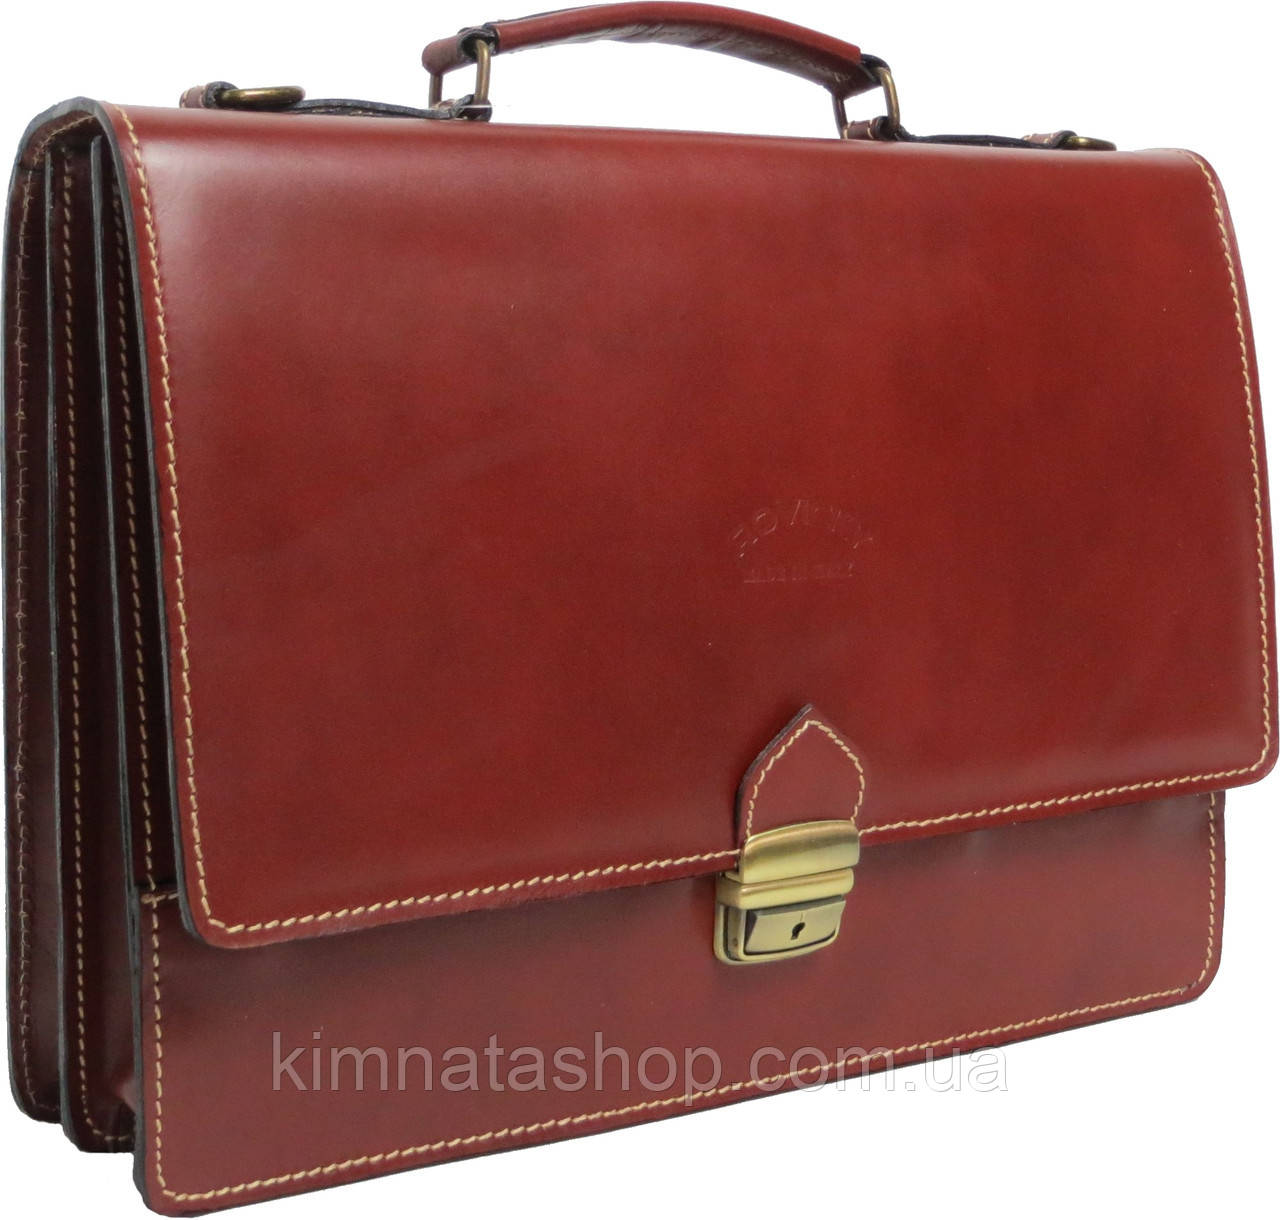 Чоловічий портфель з якісної натуральної шкіри Rovicky AWR-2-1 коричневий